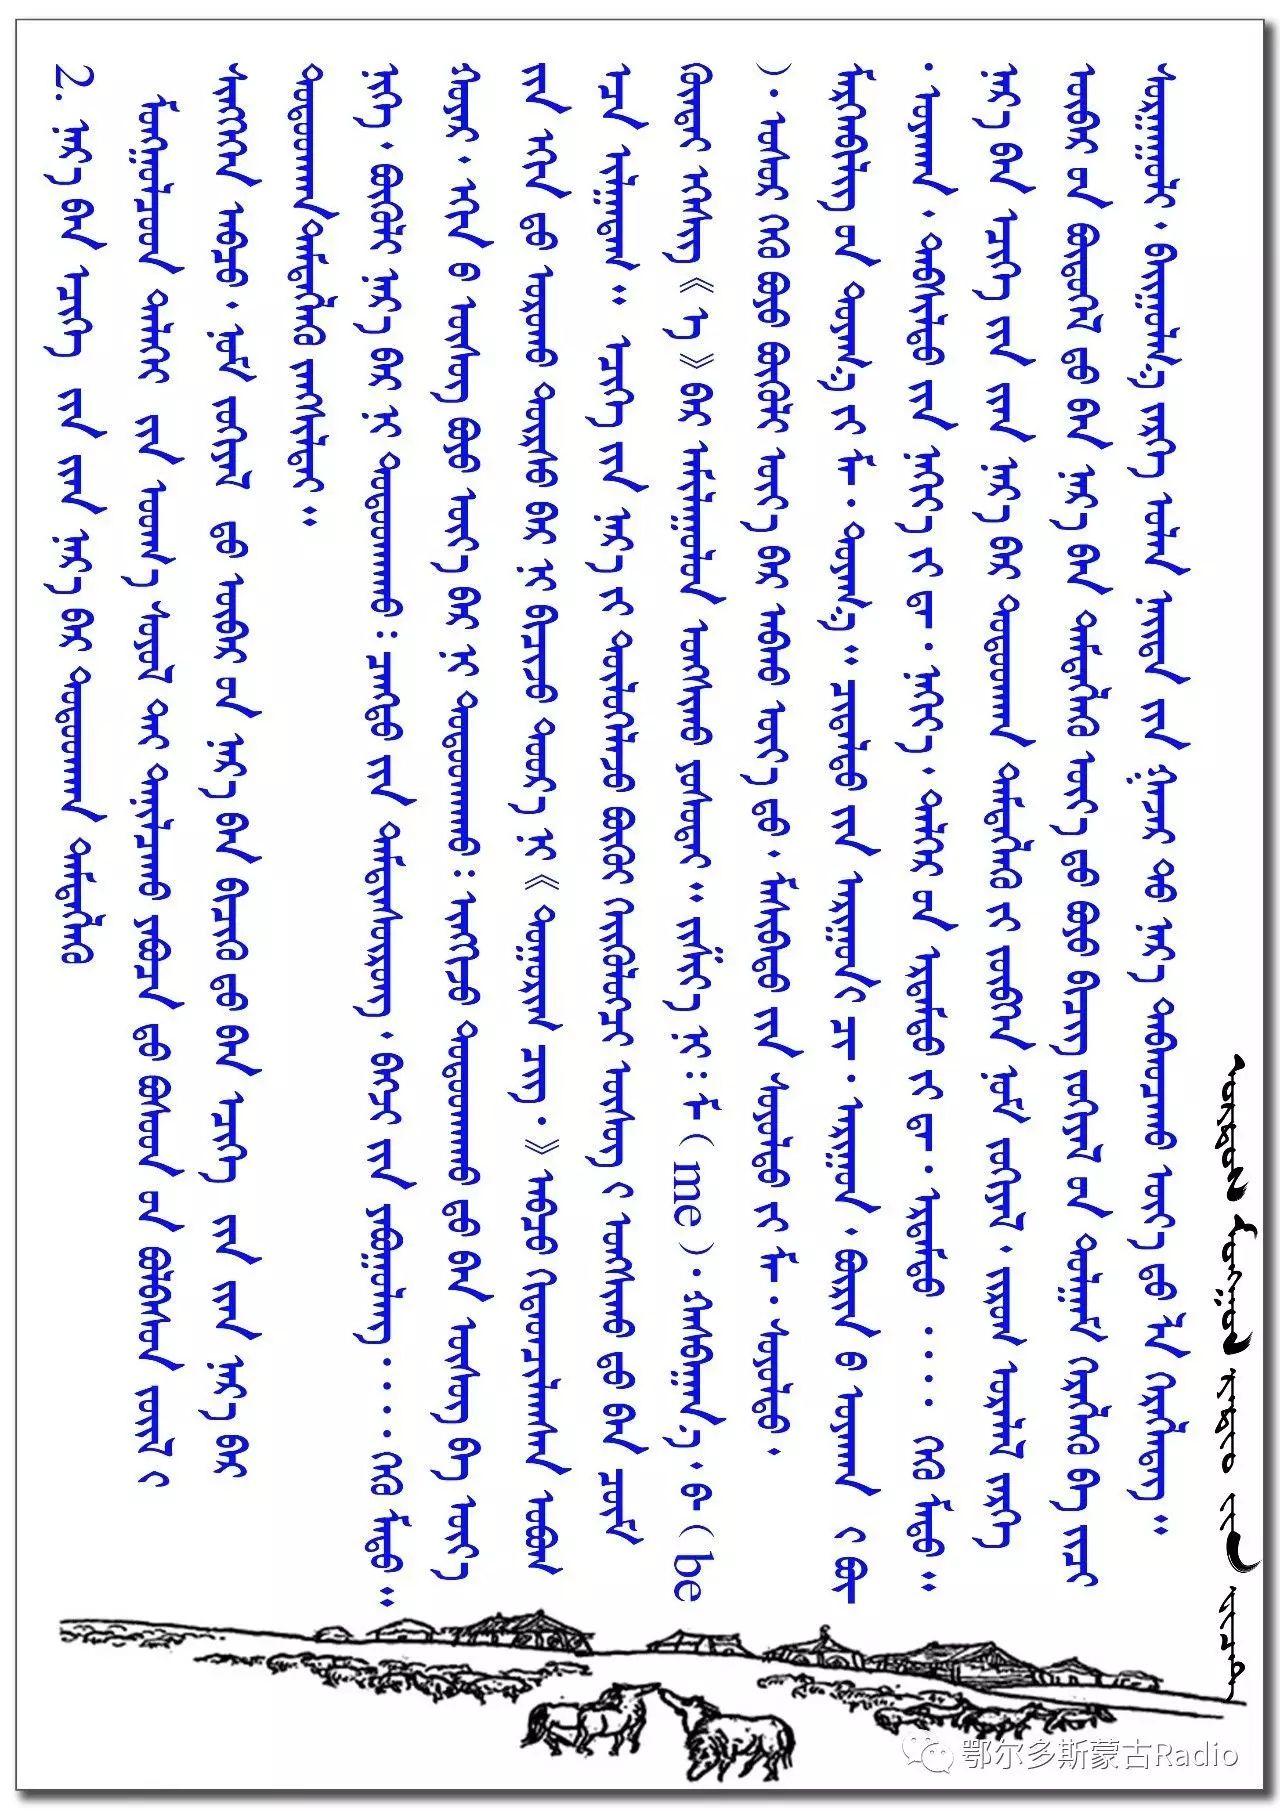 【习俗】蒙古人起名字习俗,年轻的父母们快来看看是怎么回事(蒙古文) 第10张 【习俗】蒙古人起名字习俗,年轻的父母们快来看看是怎么回事(蒙古文) 蒙古文库